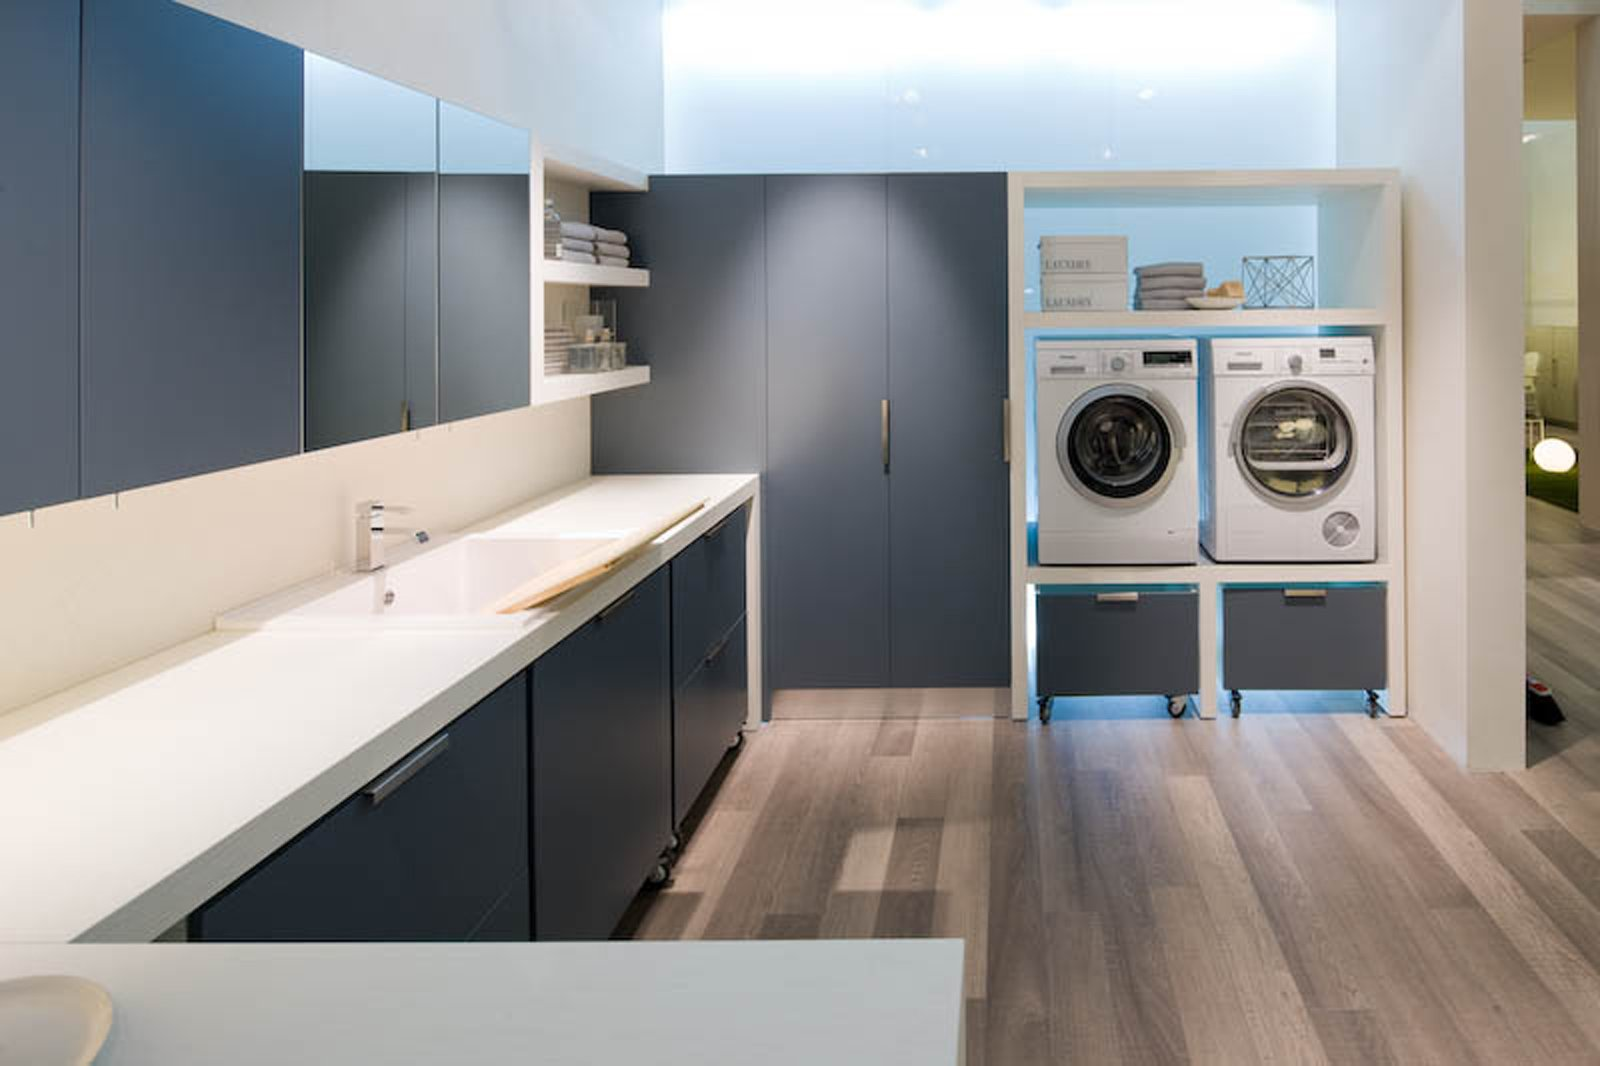 Lavanderia stireria tutto quel che serve cose di casa for Layout di casa gratuito